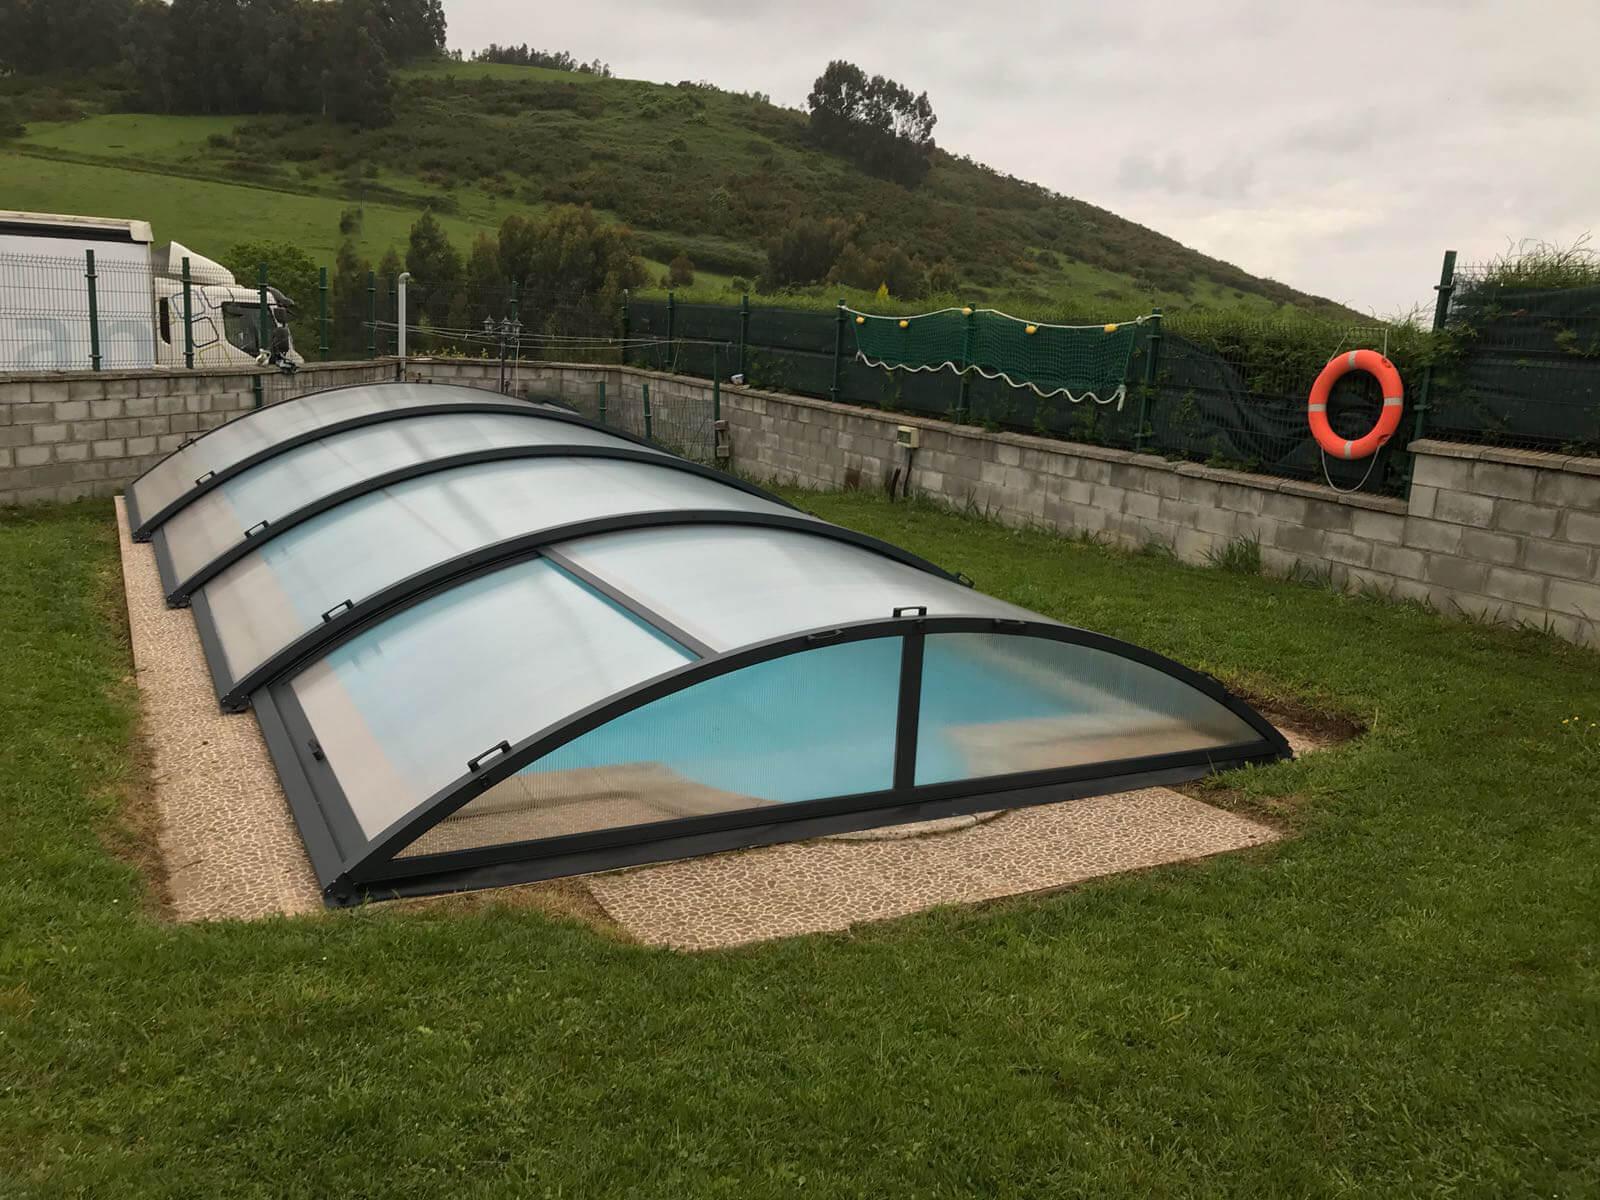 Cubierta Teide: Cerramientos de piscinas baja y telescópica en Asturias exterior